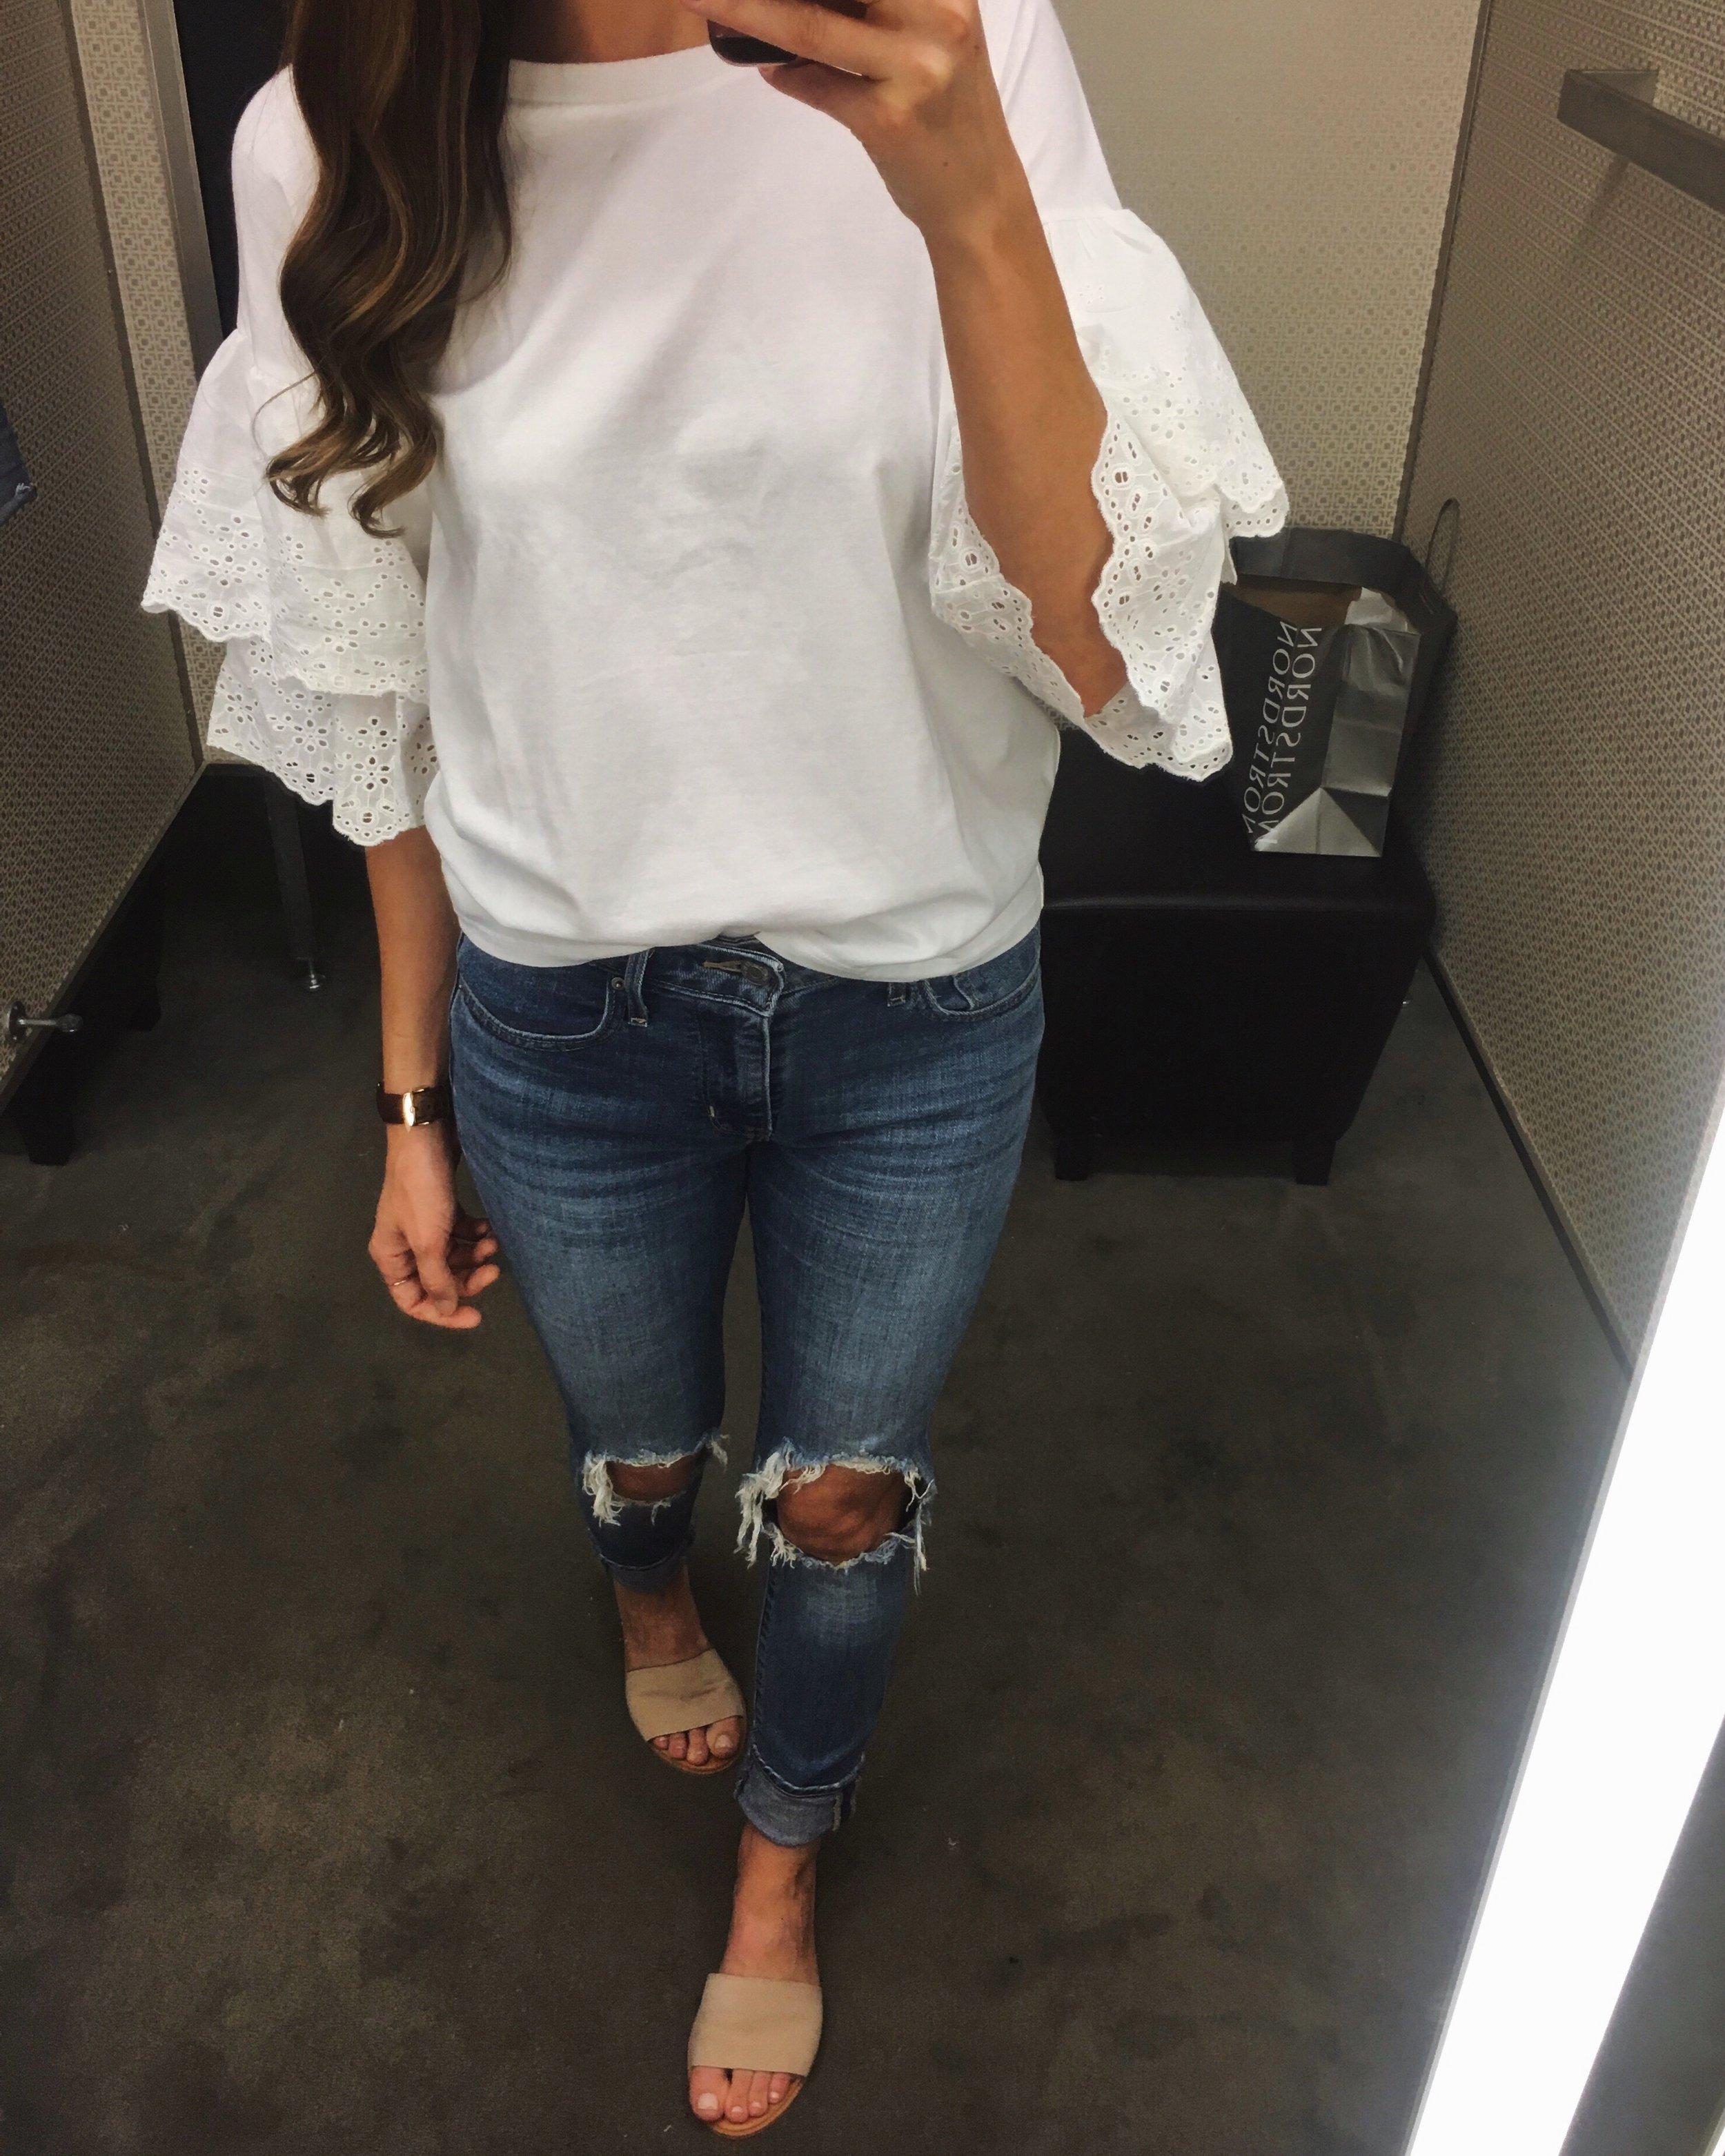 Topshop Tee  |  Levi's Jeans  |  Nordstrom Slides